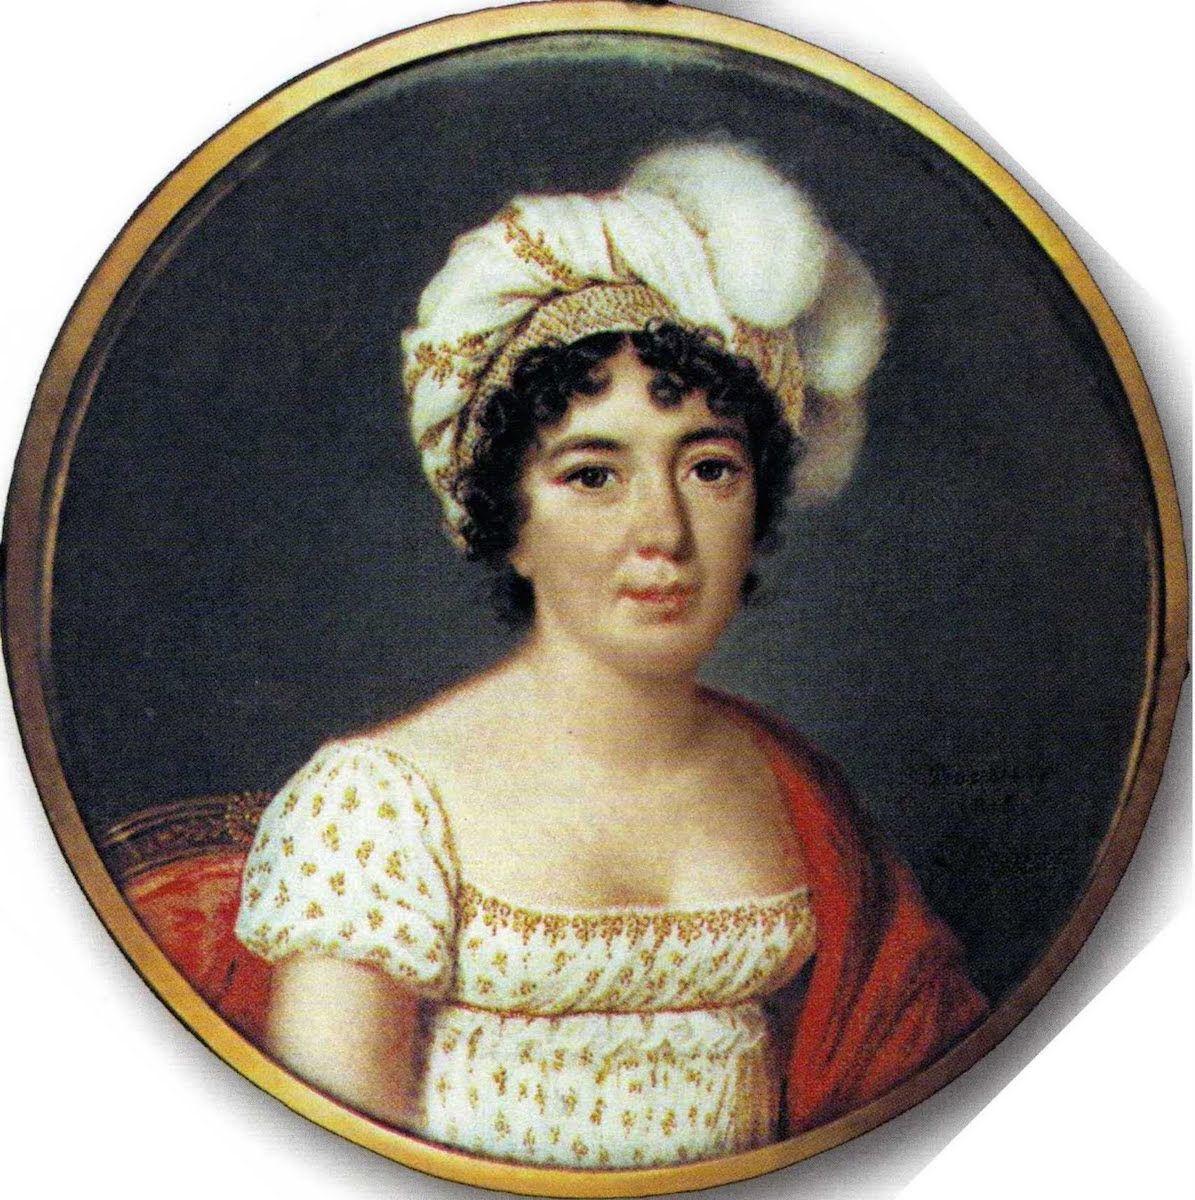 1816 Mme Stael By Pierre Louis Bouvier Chateau De Coppet Coppet Vaud Switzerland From Pinterest Com Leighhal Miniature Portraits Regency Fashion Regency